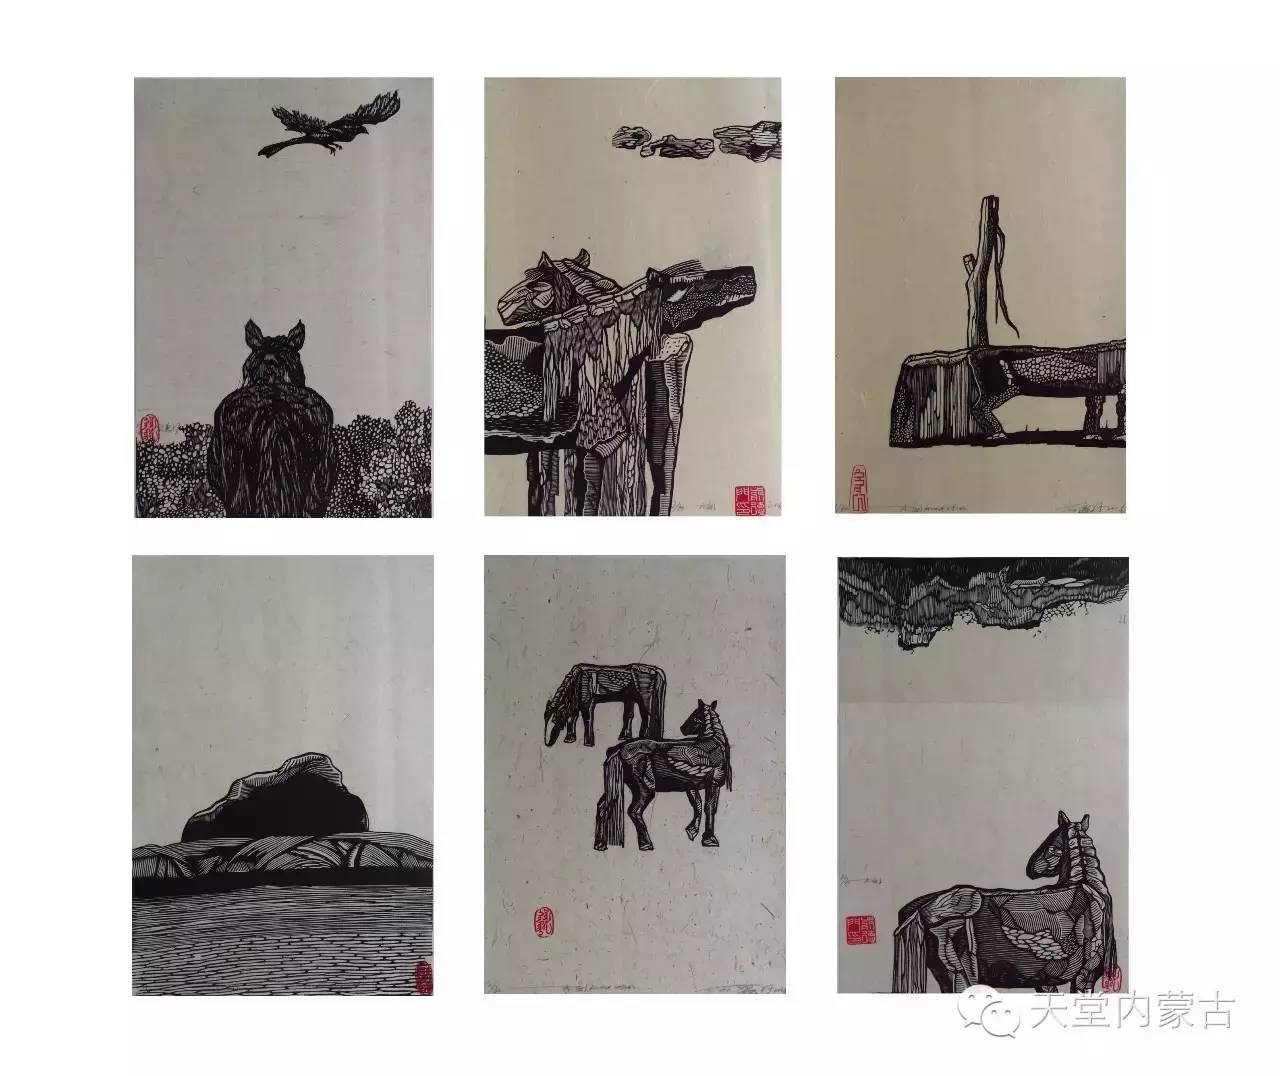 🔴内蒙古青年画家前德门作品 第12张 🔴内蒙古青年画家前德门作品 蒙古画廊